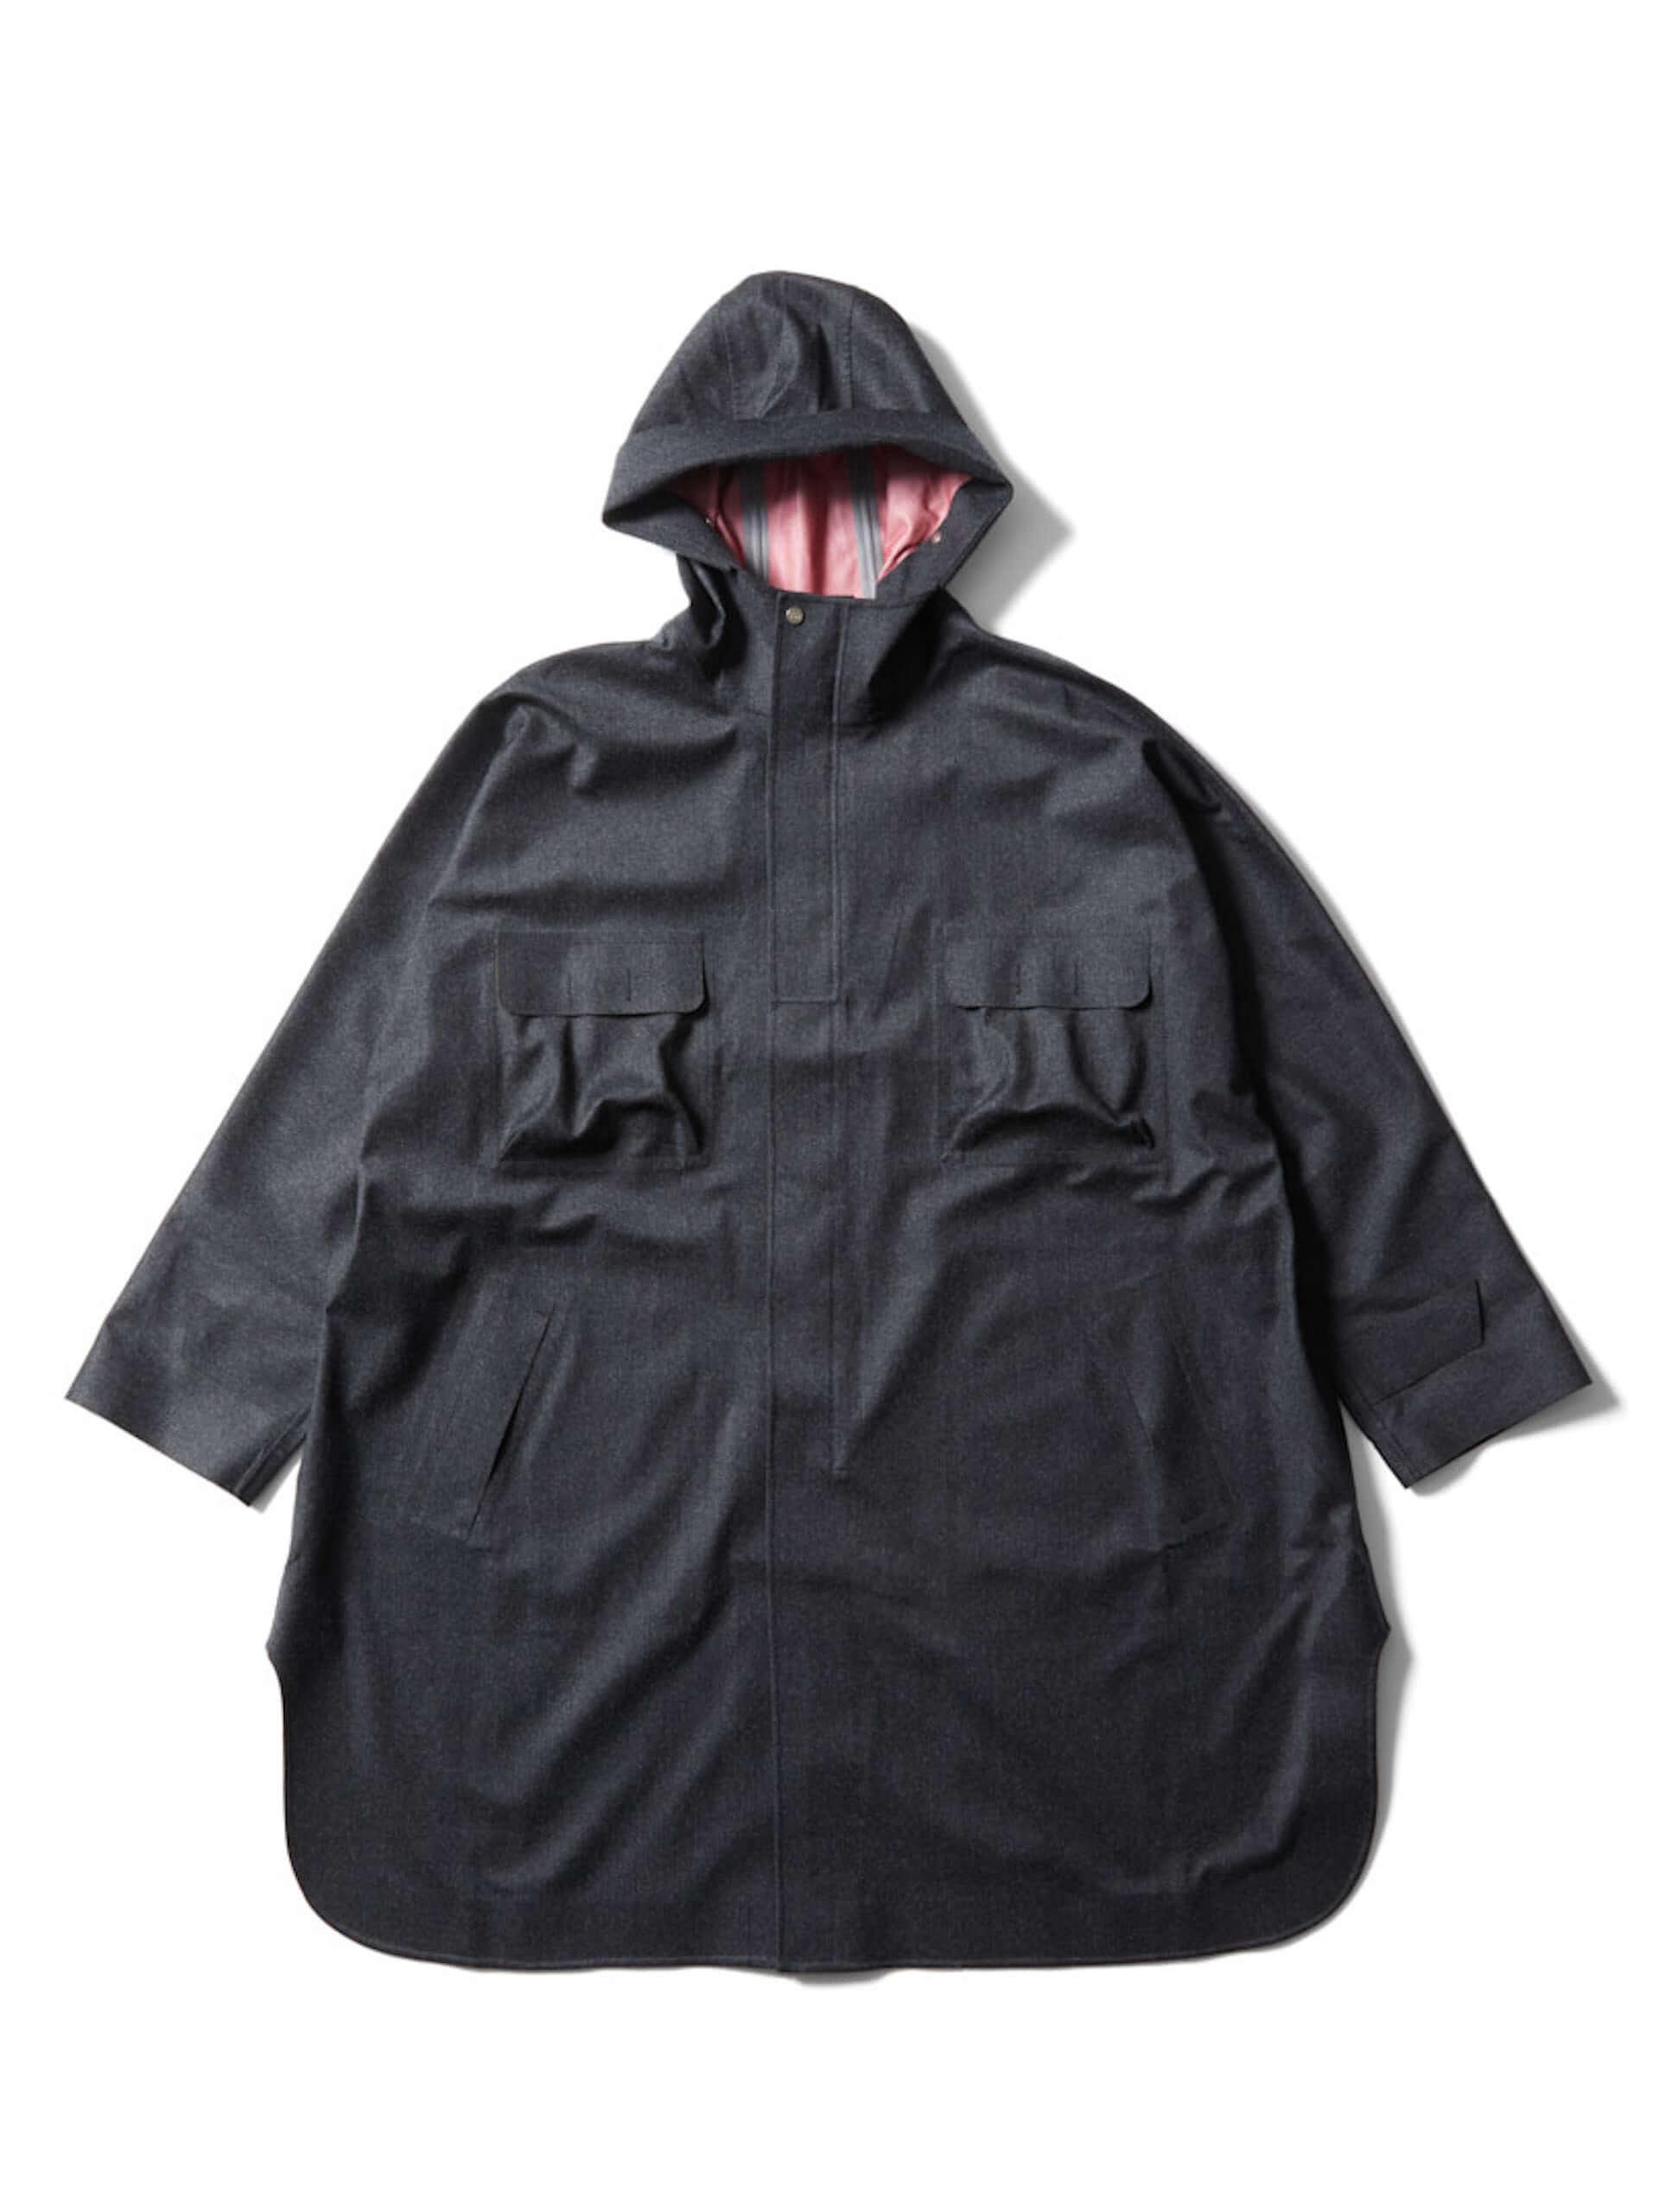 フィッシングにも最適!D-VECから防寒性に優れたジャケットやベスト、パーカーなど最新アイテムが登場 lf210107_d-vec_4-1920x2560